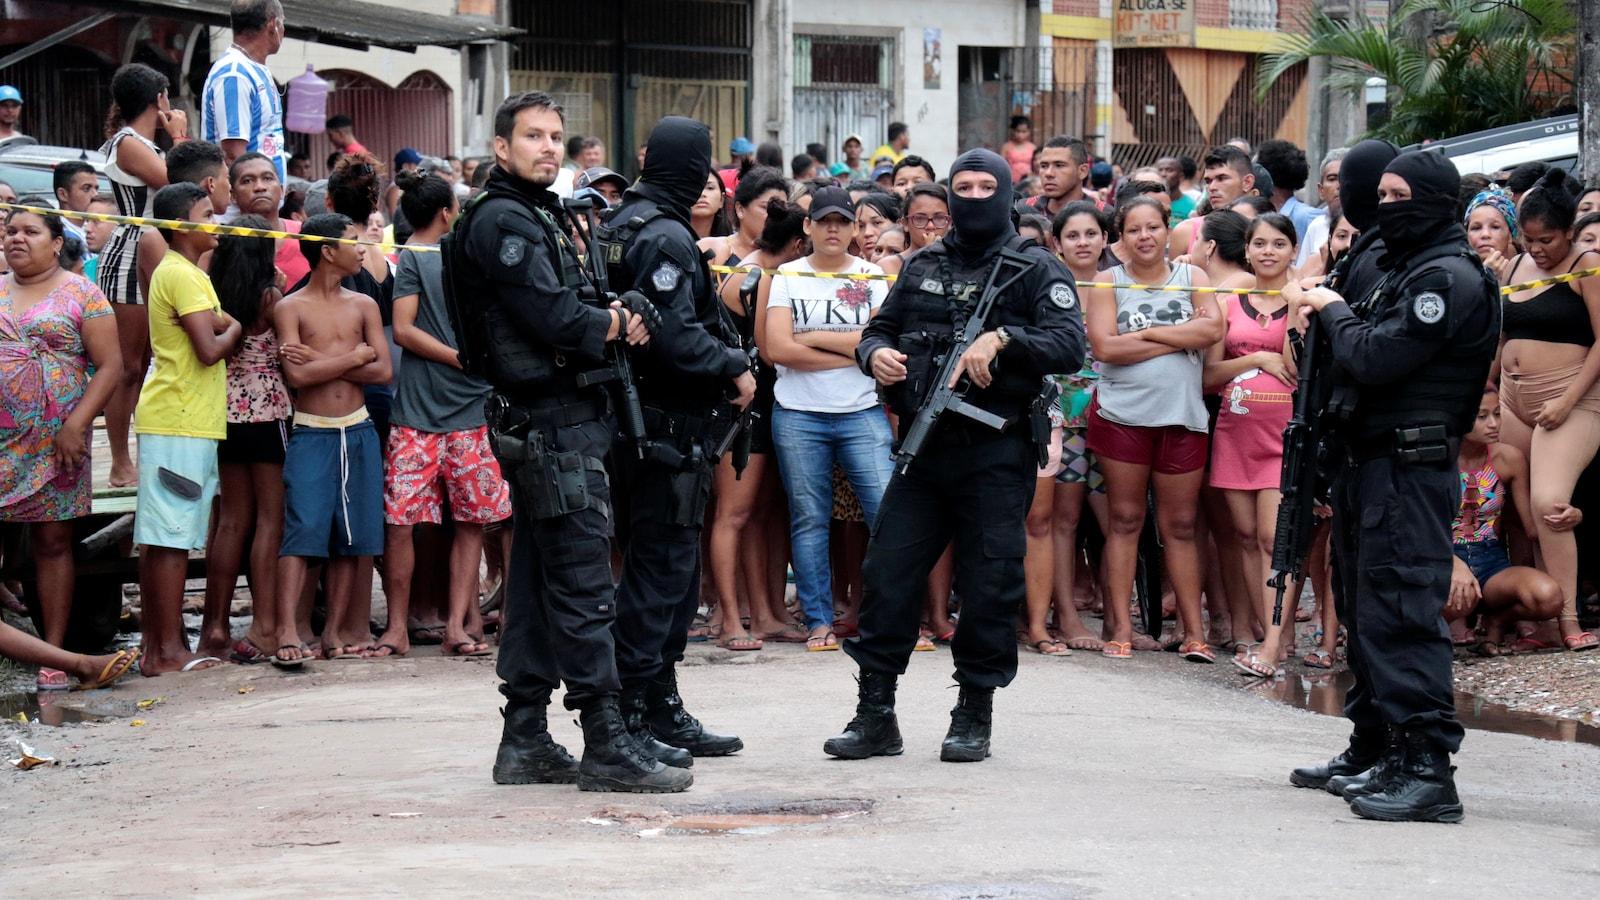 Brésil : Plusieurs morts dans une fusillade dans un bar